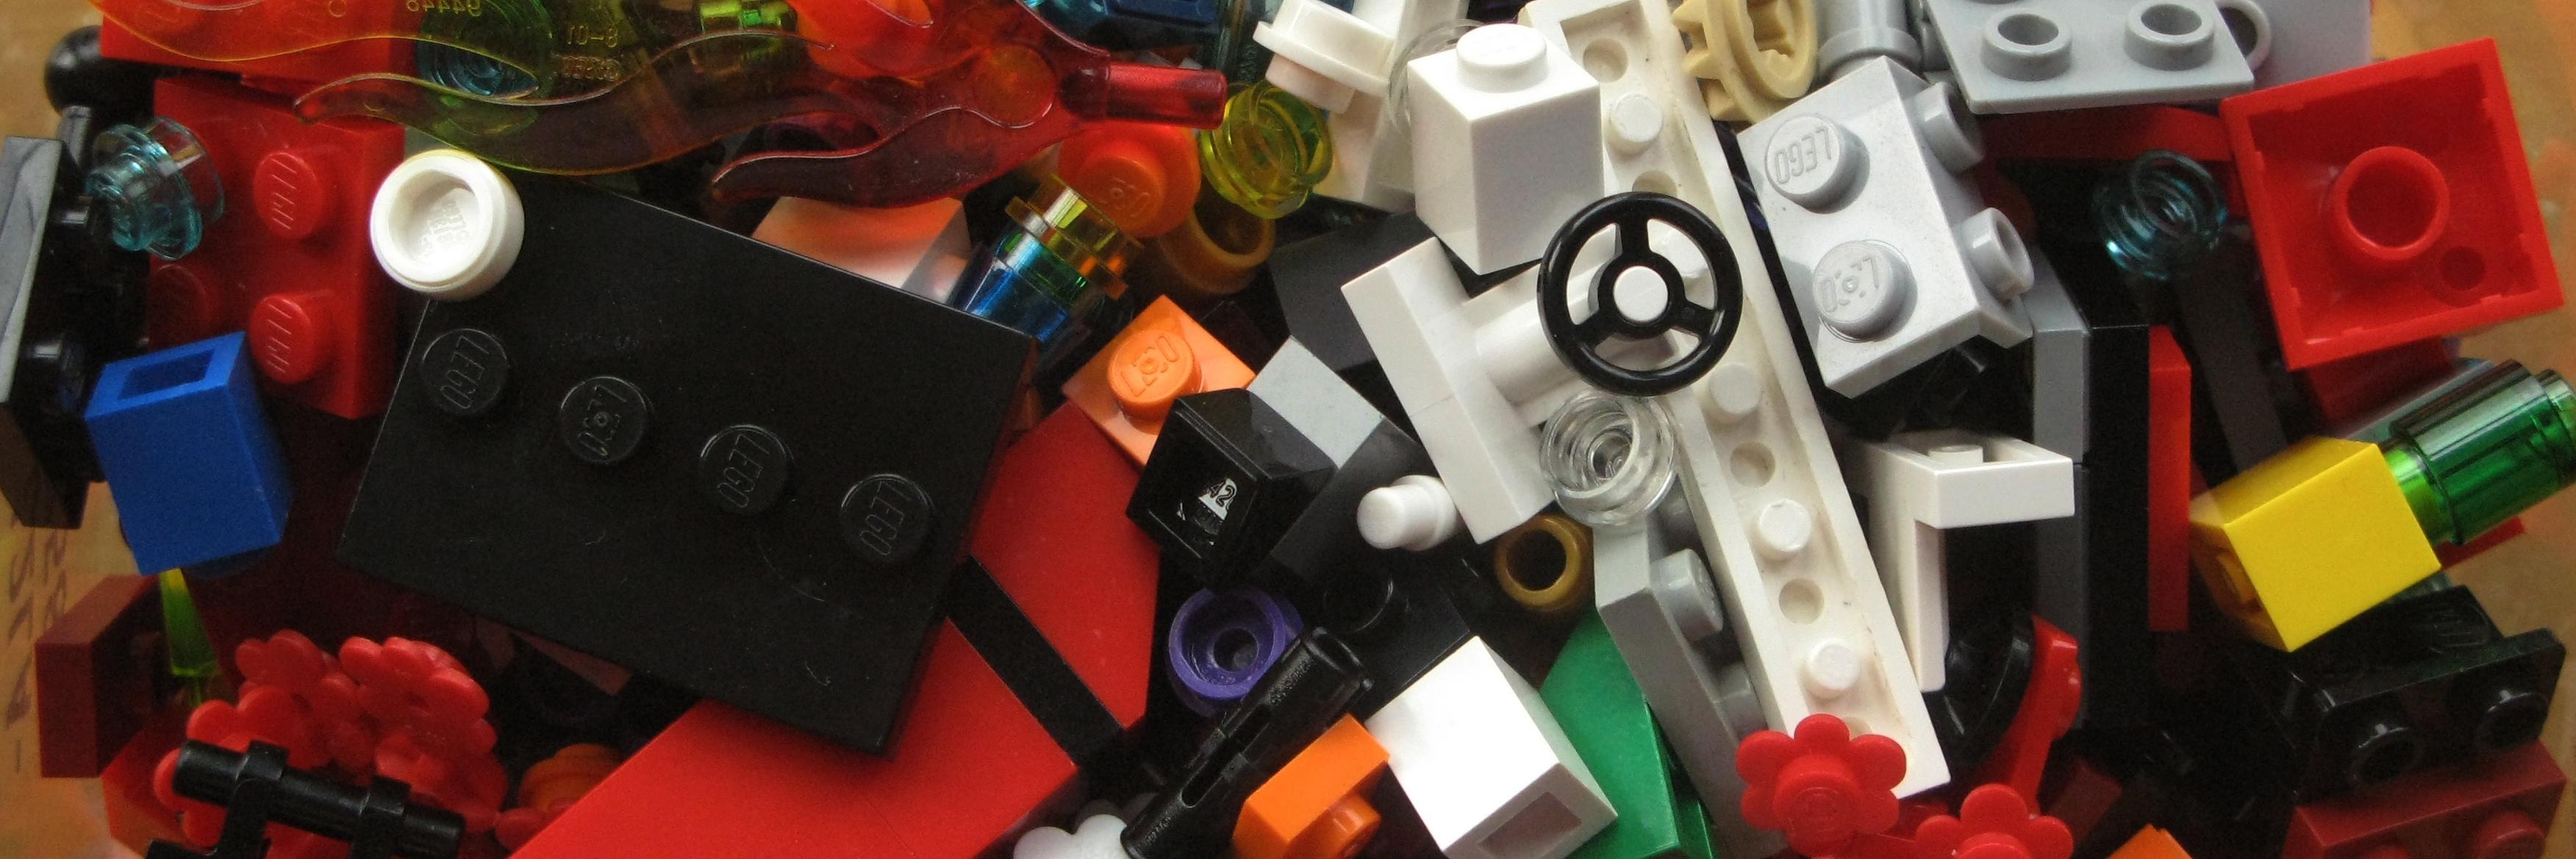 Lovely lovely Lego Bricks